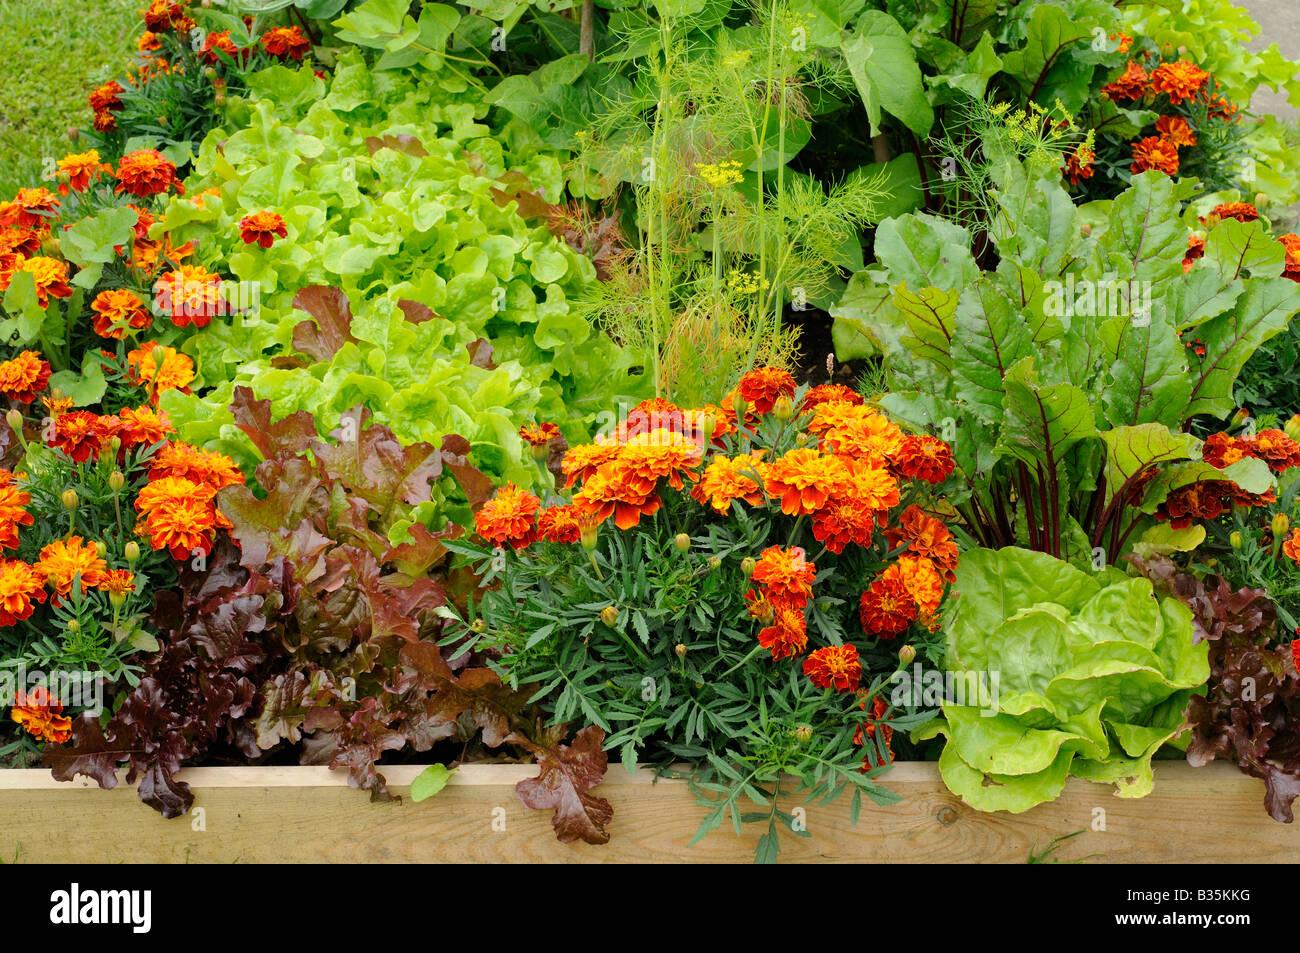 Sommergarten Mit Verschiedenem Gemuse Und Blumen Hochbeete Uk Juni